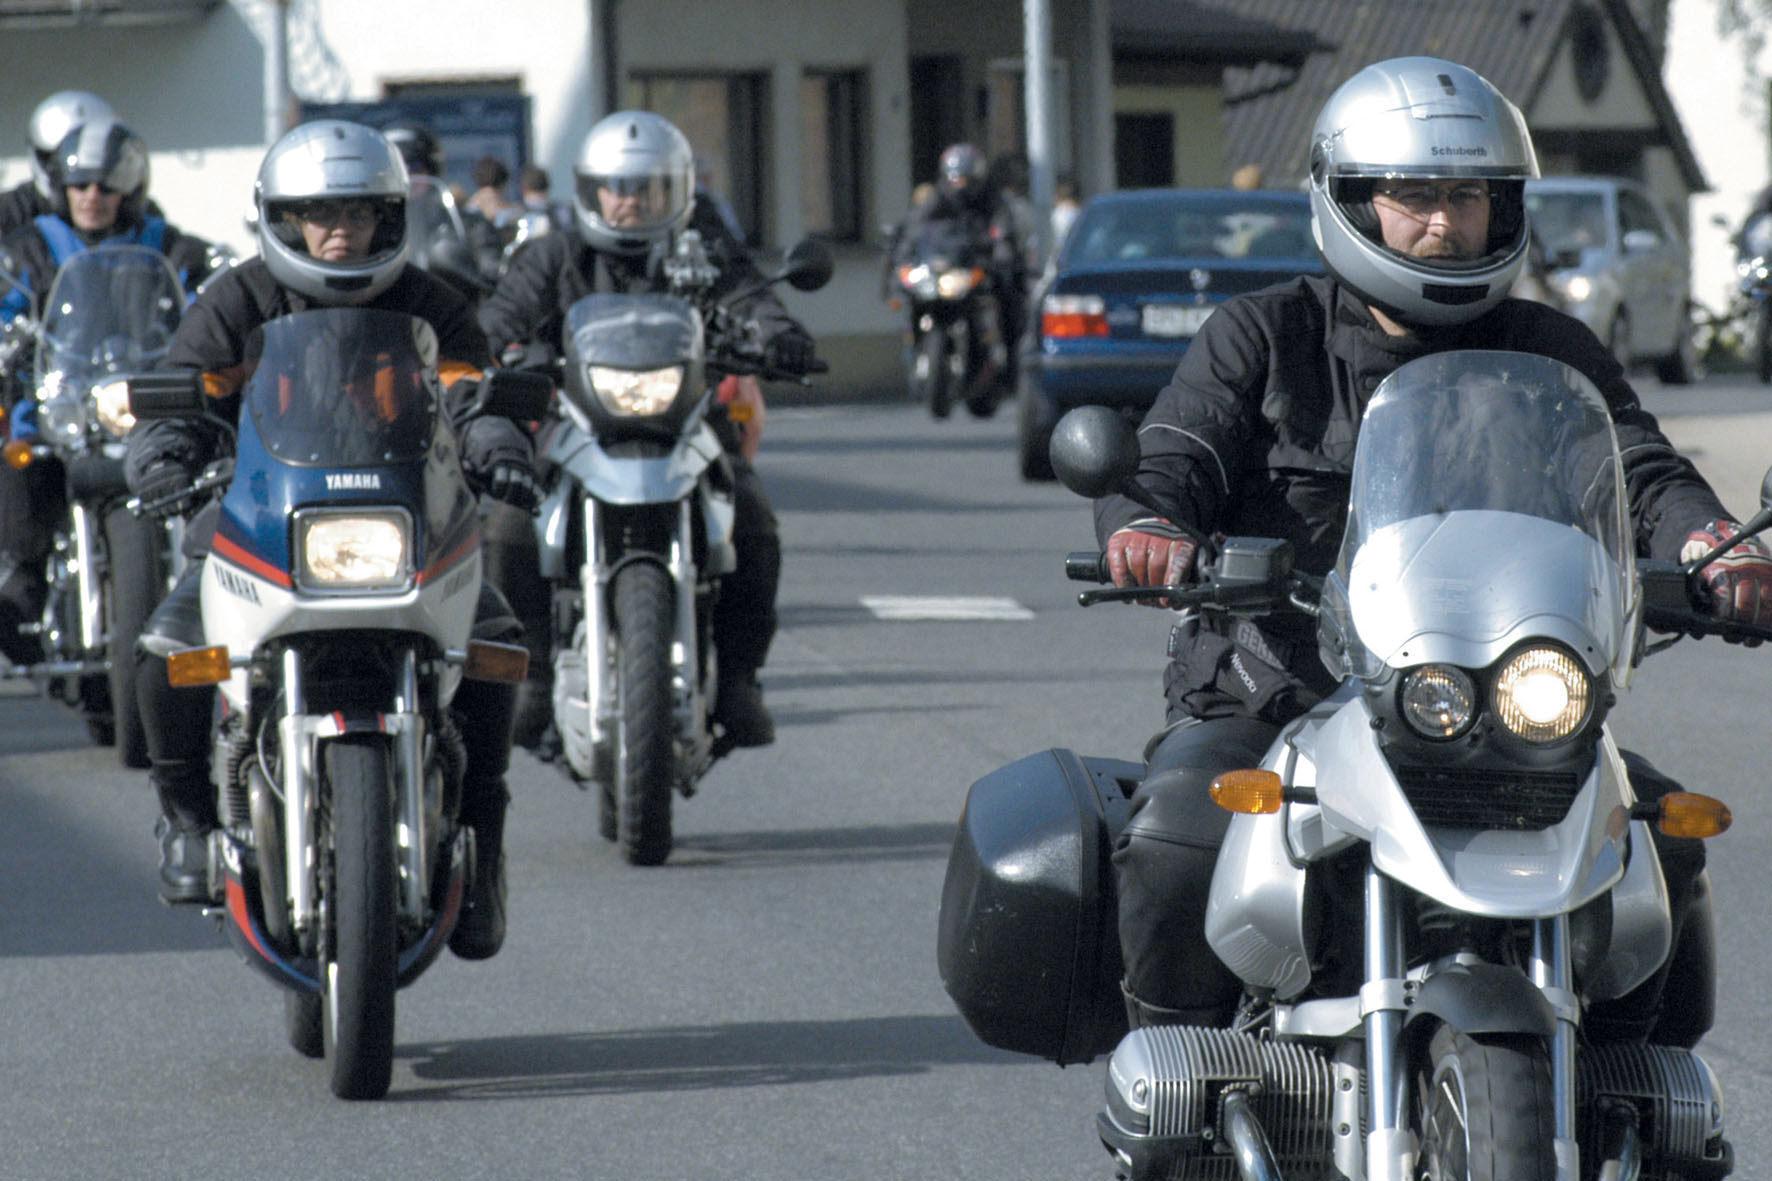 mid Düsseldorf - Gerade während der Sommermonate tummeln sich viele Motorradfahrer auf den Straßen, was zusätzliche Gefahren mit sich bringt.